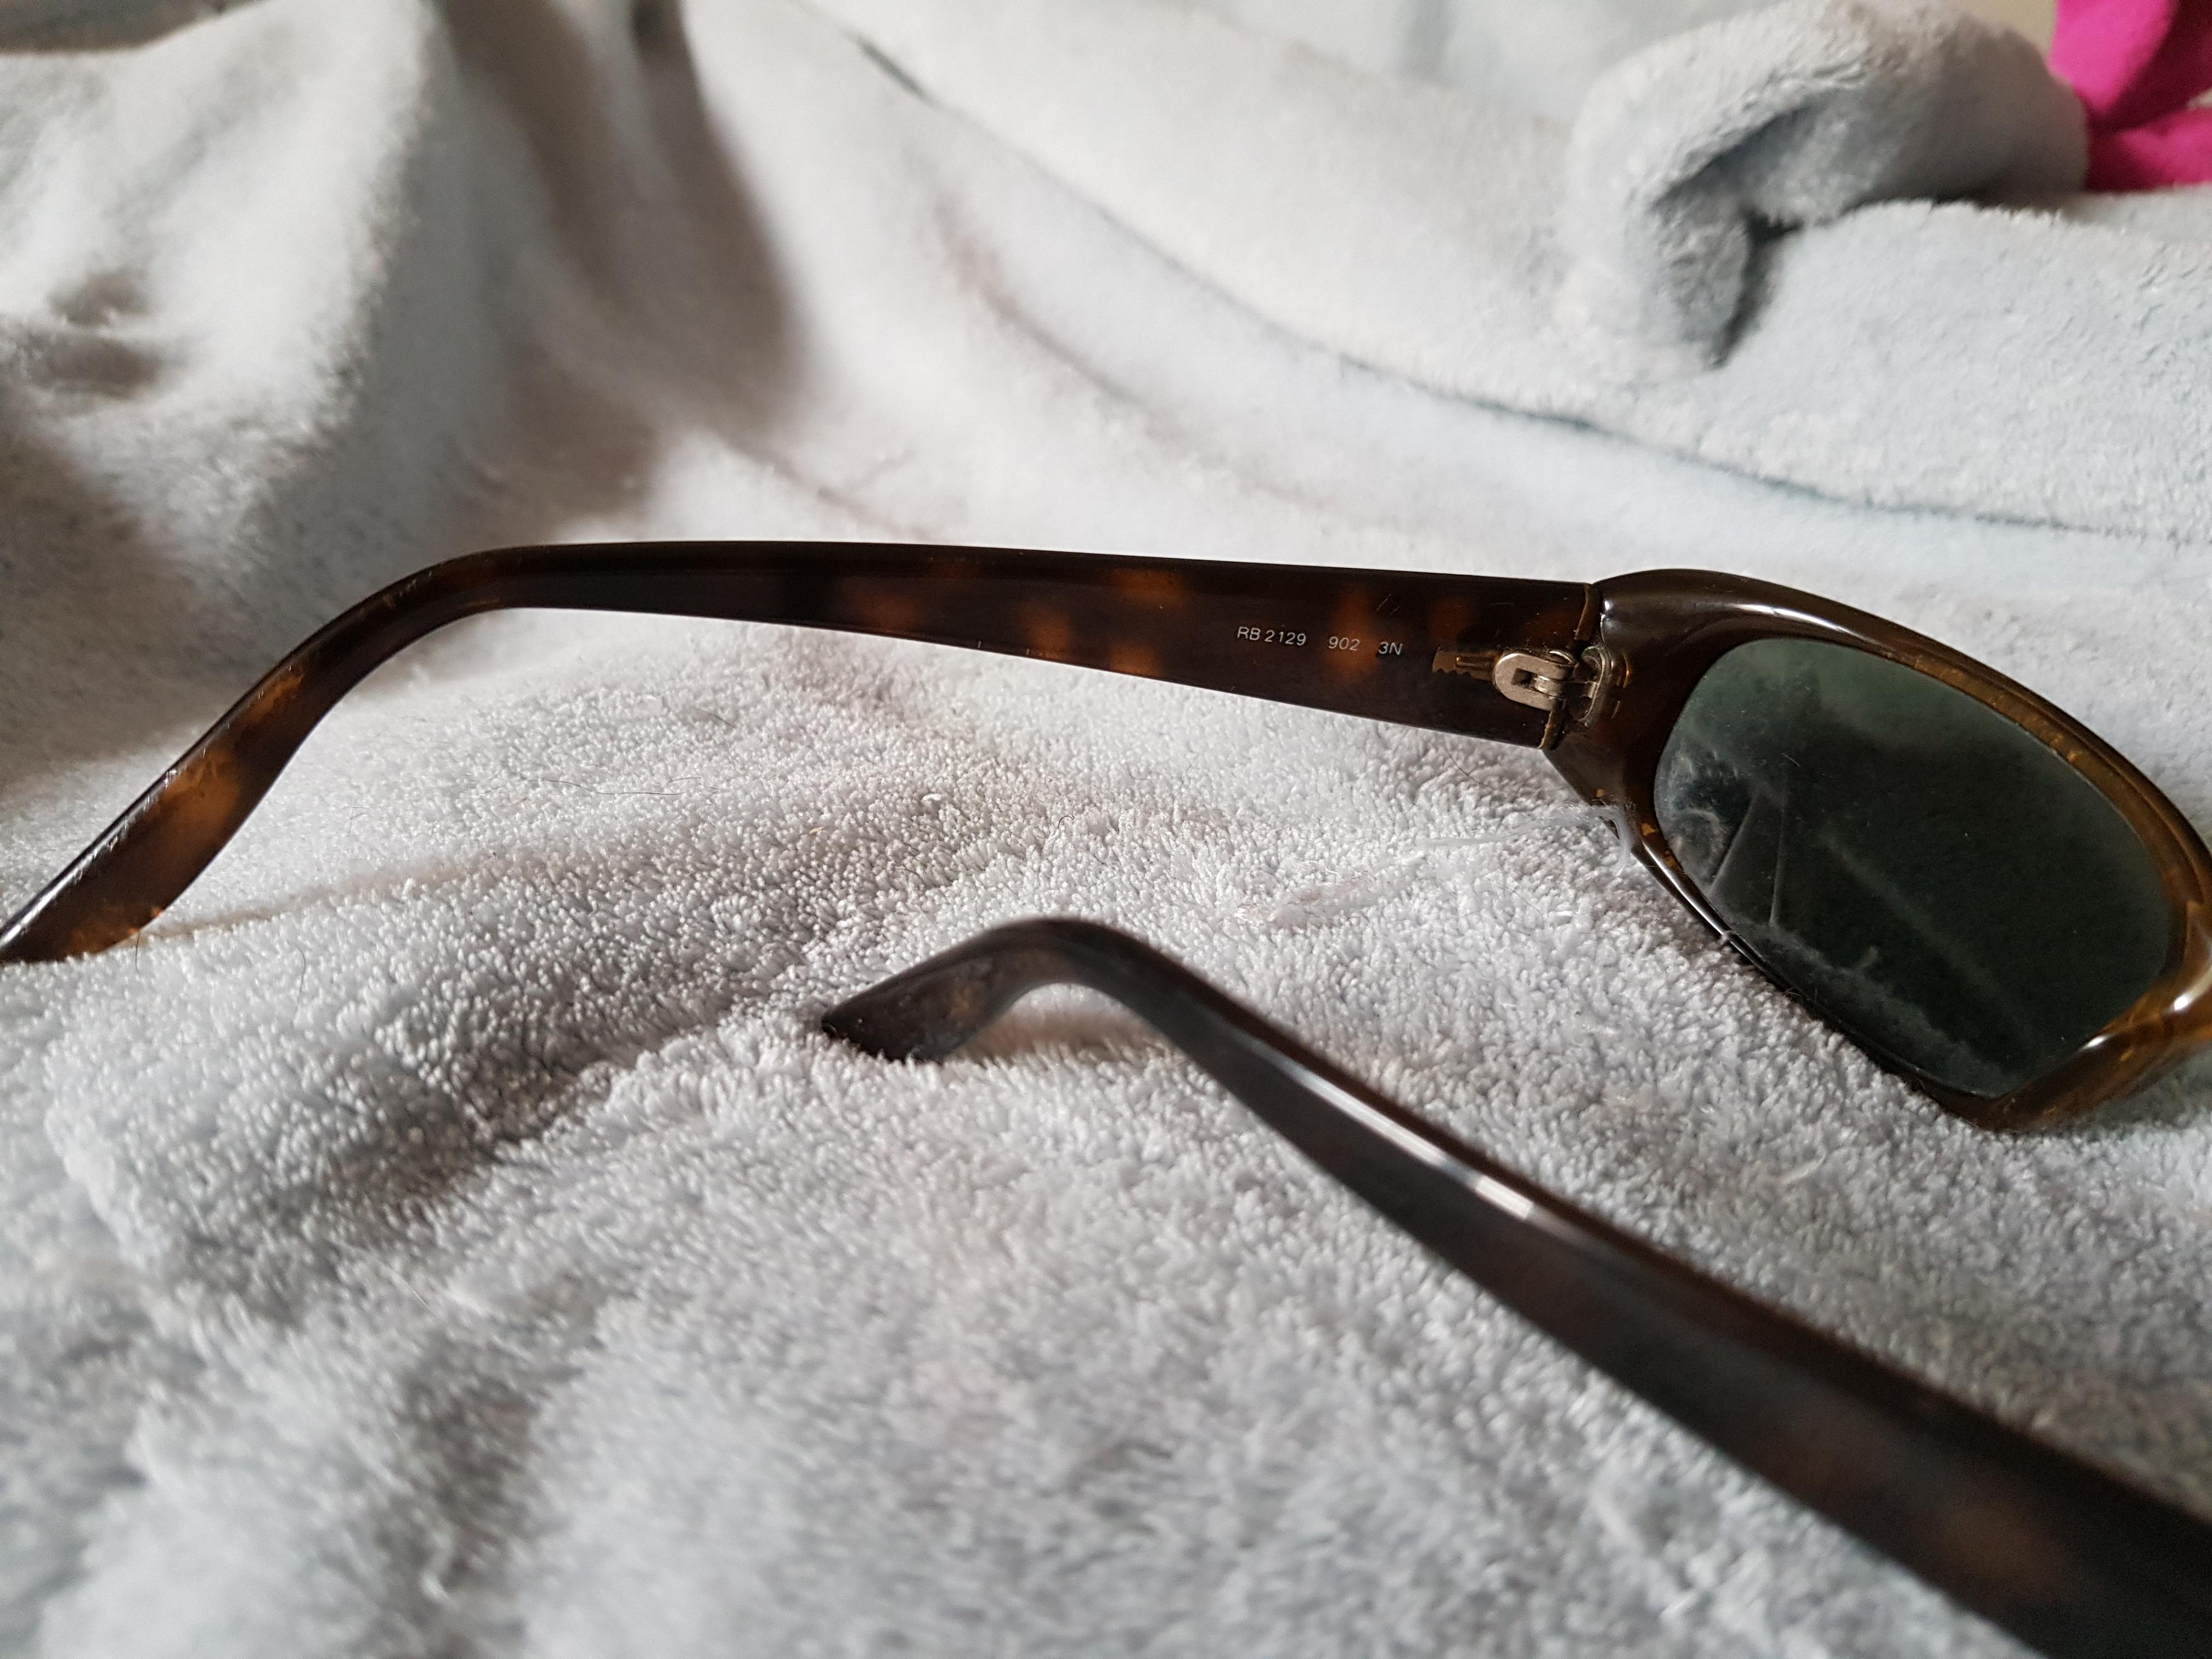 troc de troc paire de lunette de soleil rayban image 1